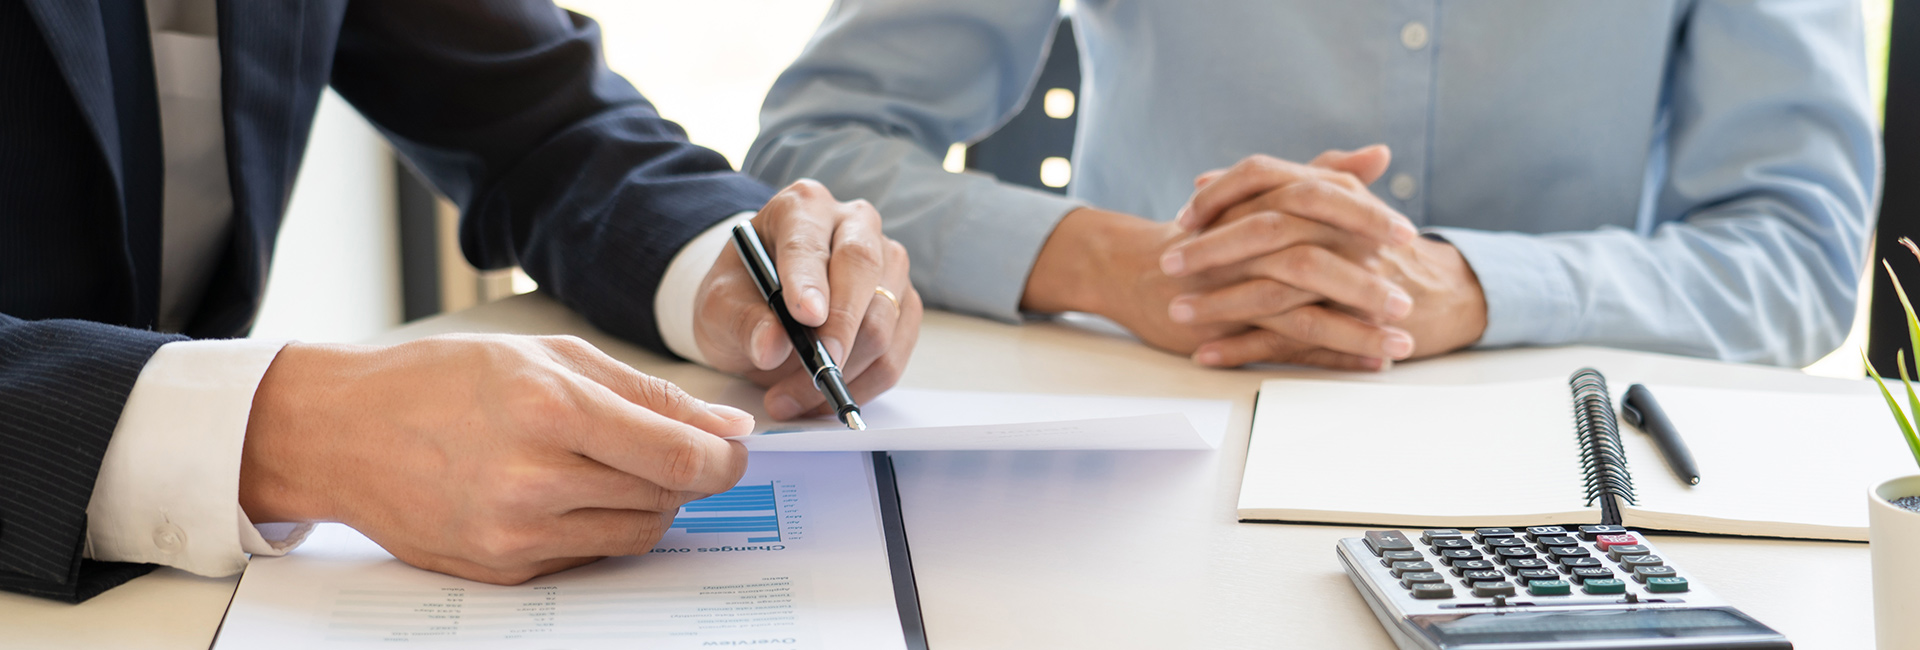 Probate Attorney, Estate Planning Attorney